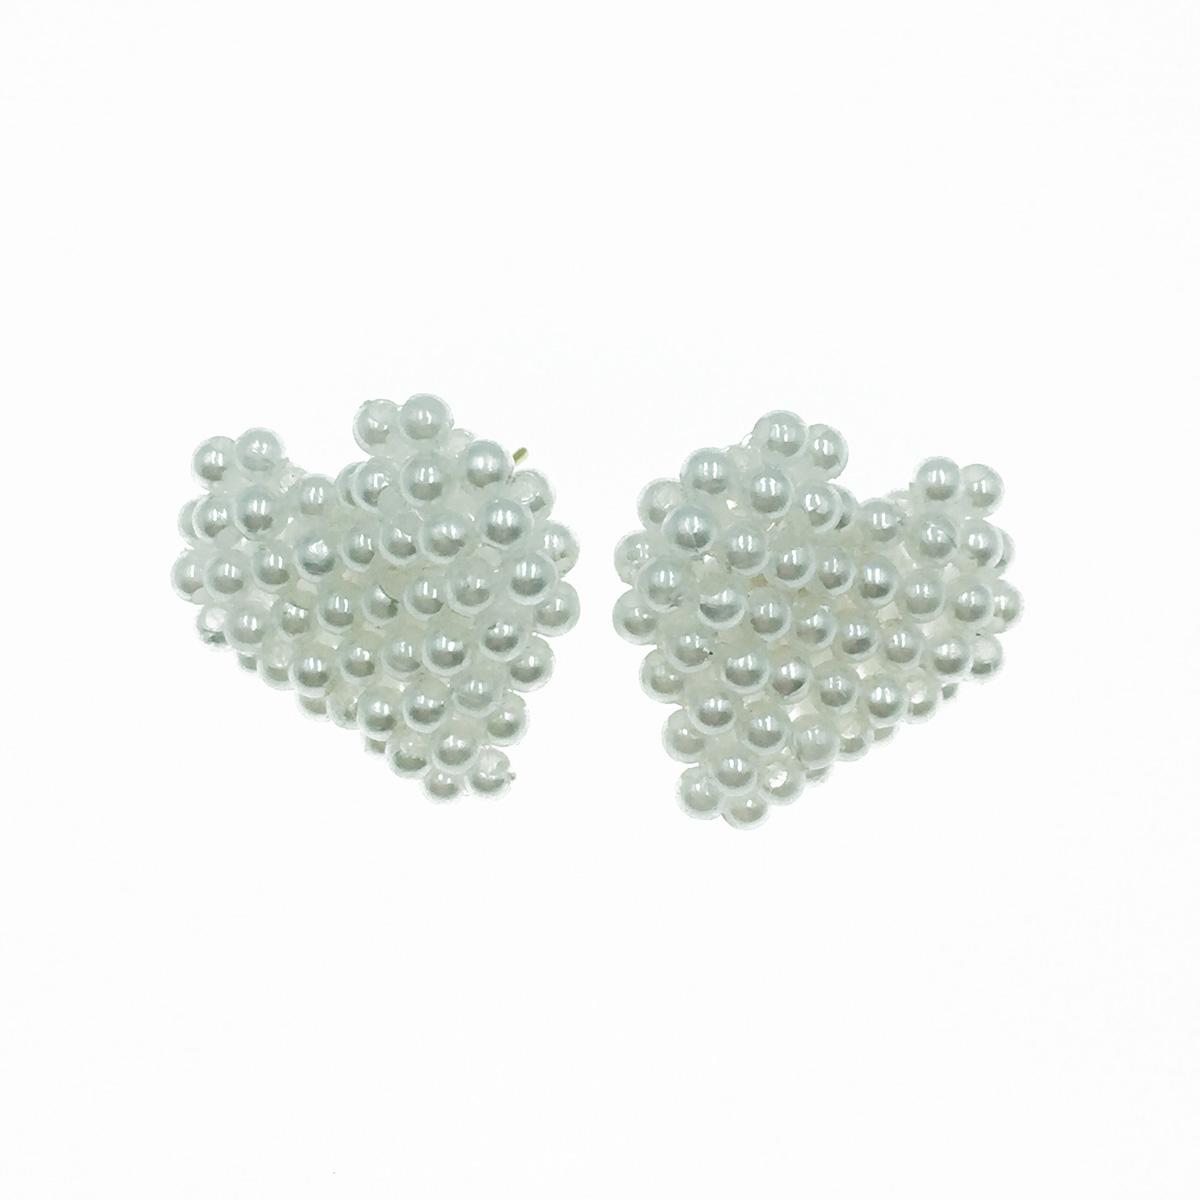 韓國 925純銀  愛心造型 珍珠 滿版 氣質甜美款 耳針式耳環